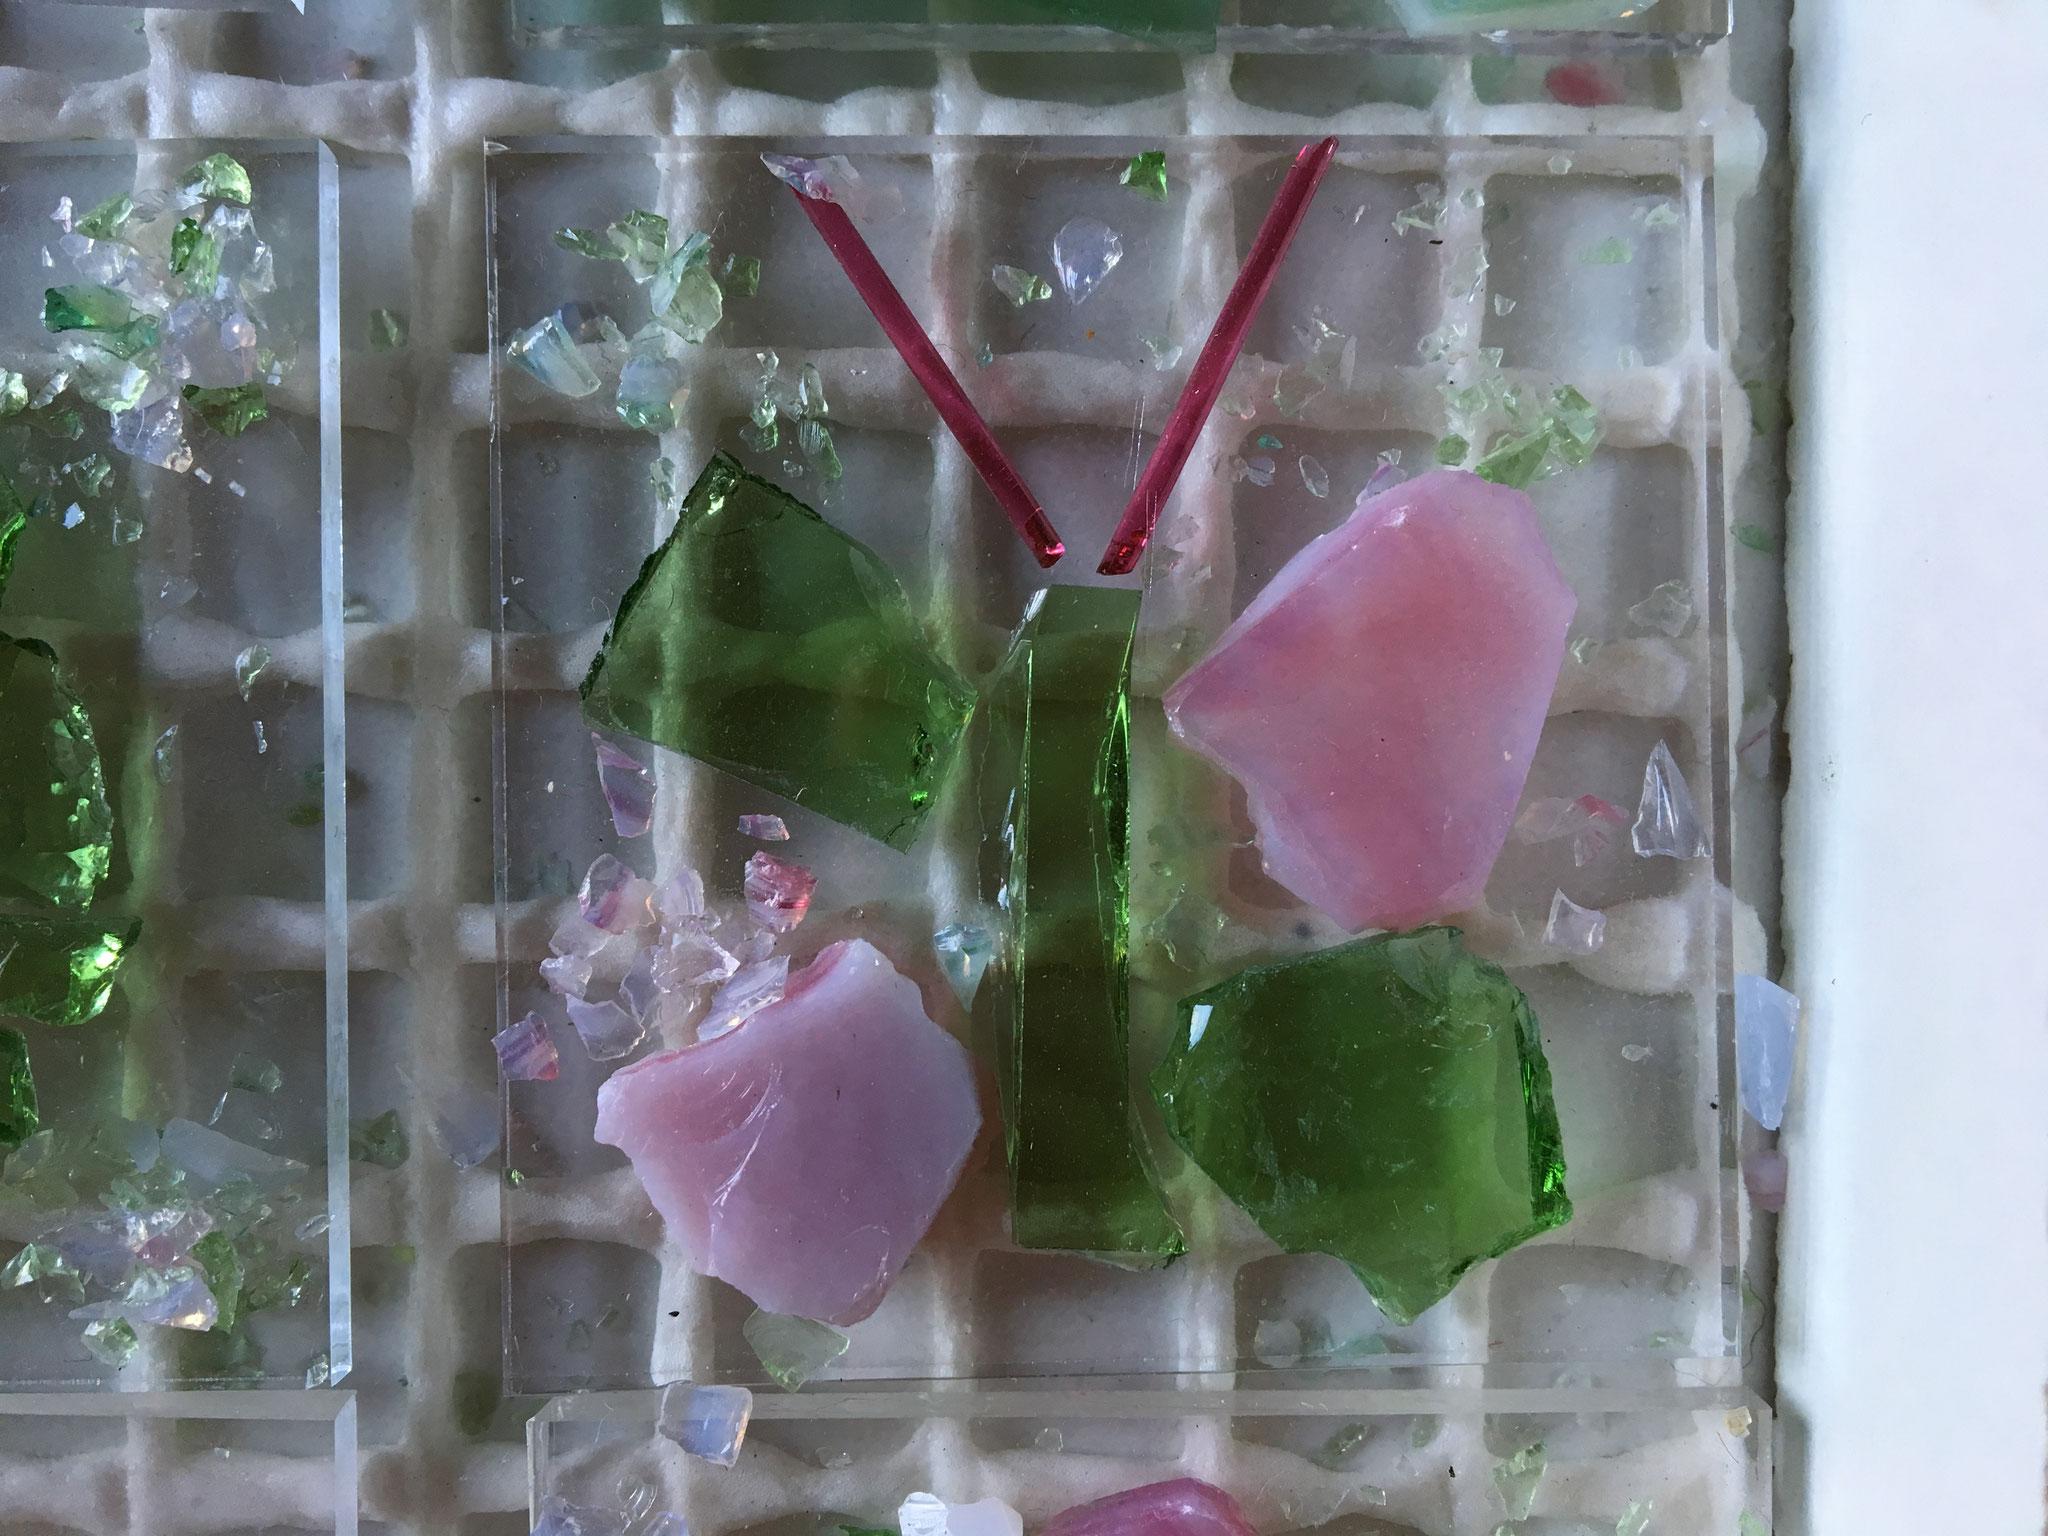 und einem wunderschönen Schmetterling aus rosa und hellgrünem Glas!